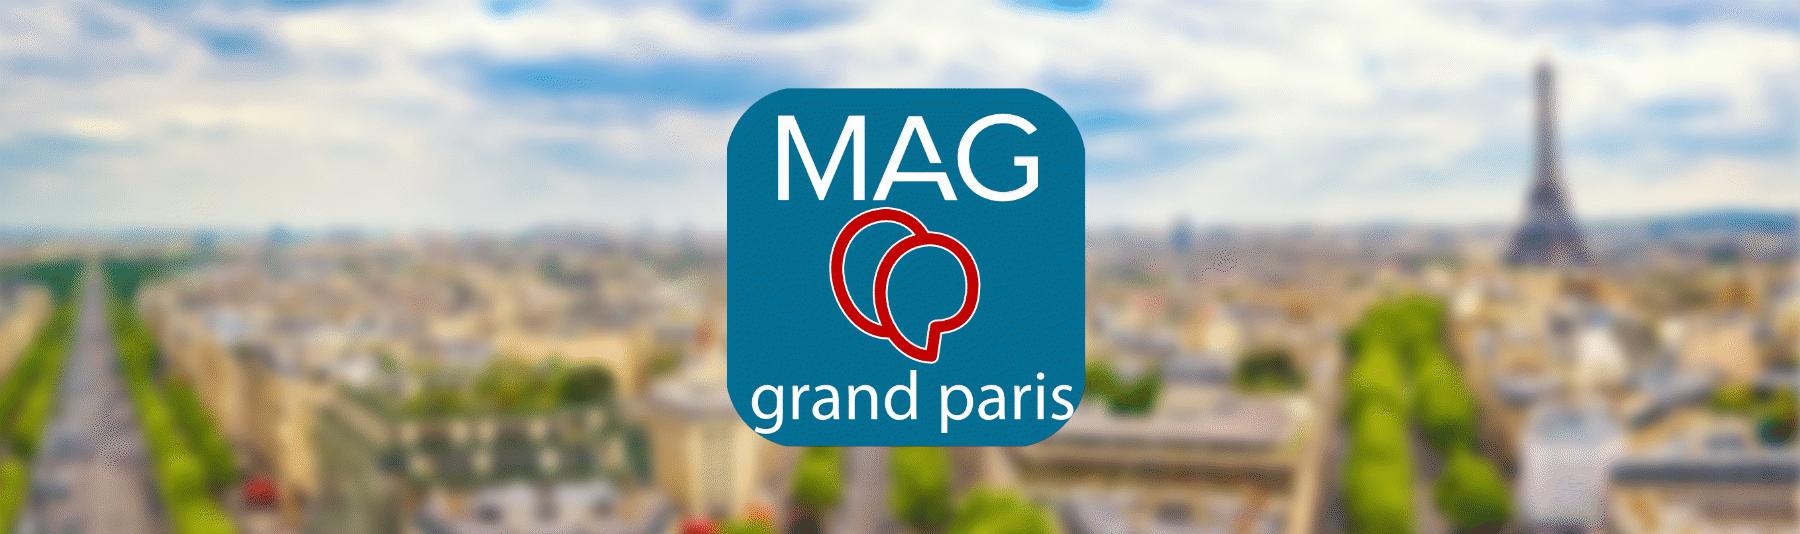 Le Mag Grand Paris